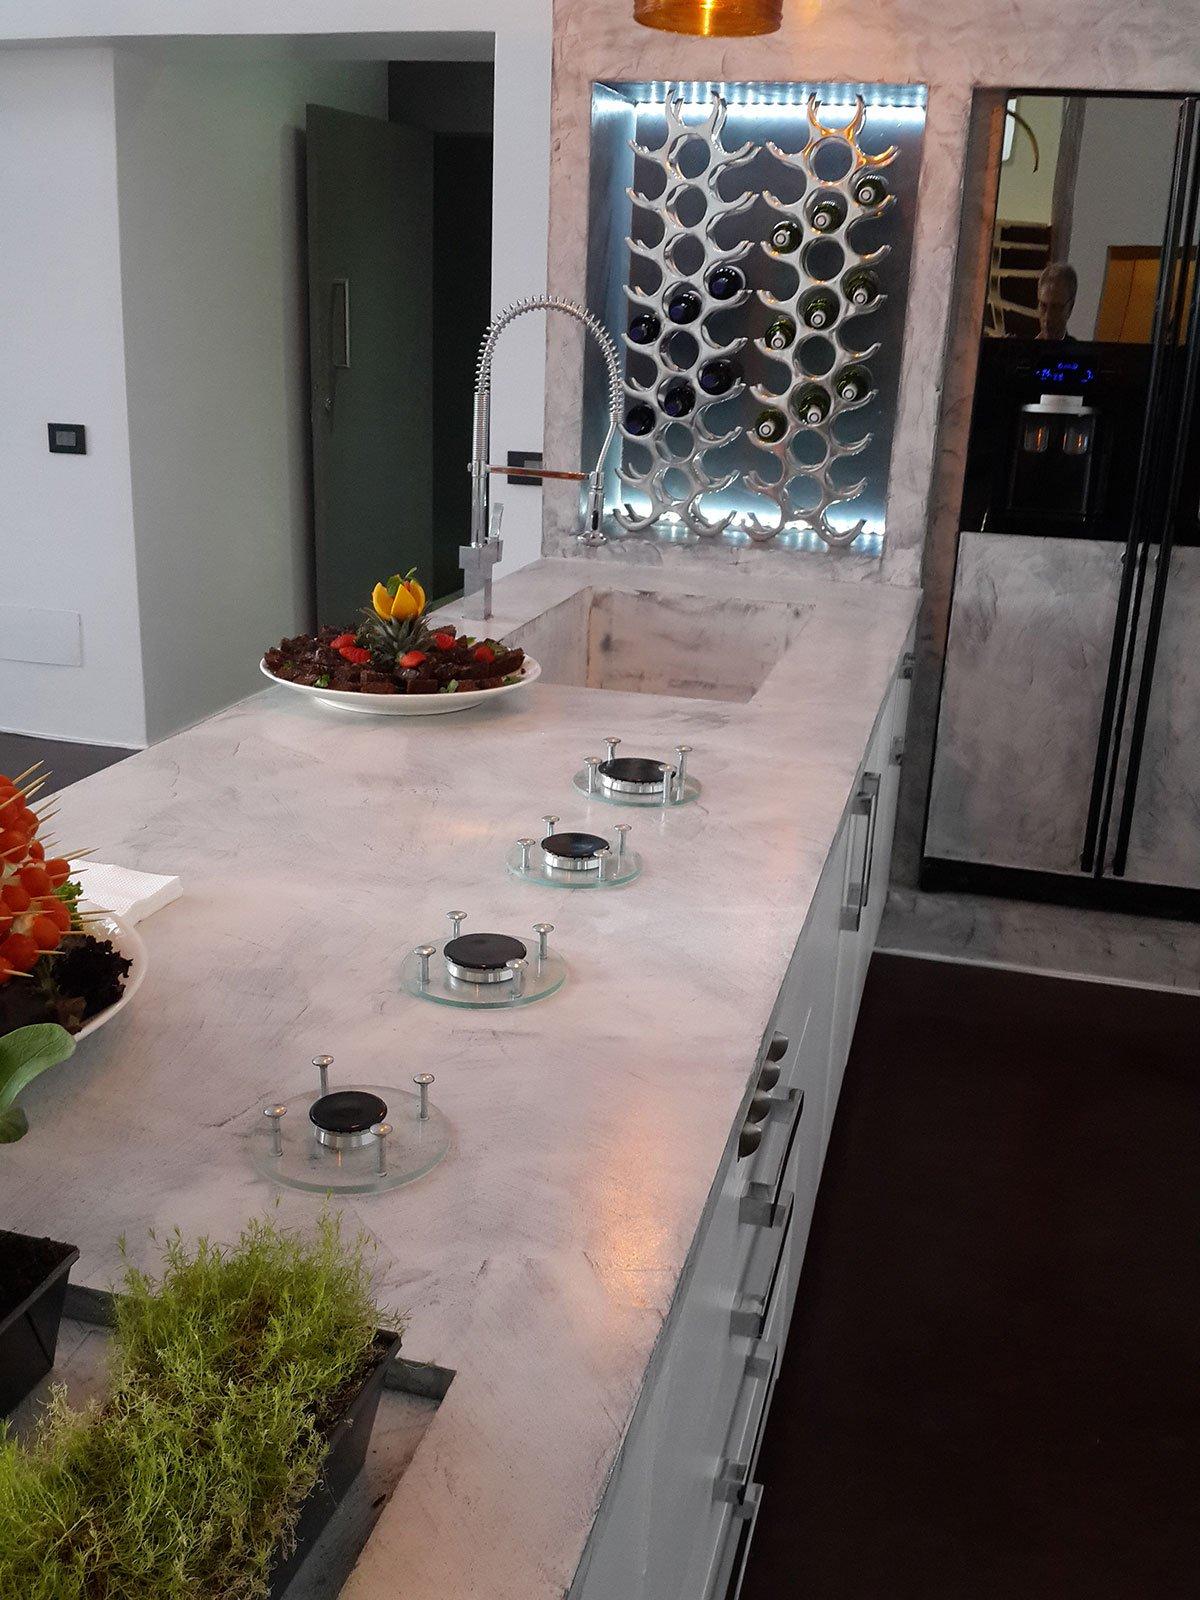 resina: rivestimenti per pavimenti, pareti, piani di lavoro e ... - Top Cucina In Resina